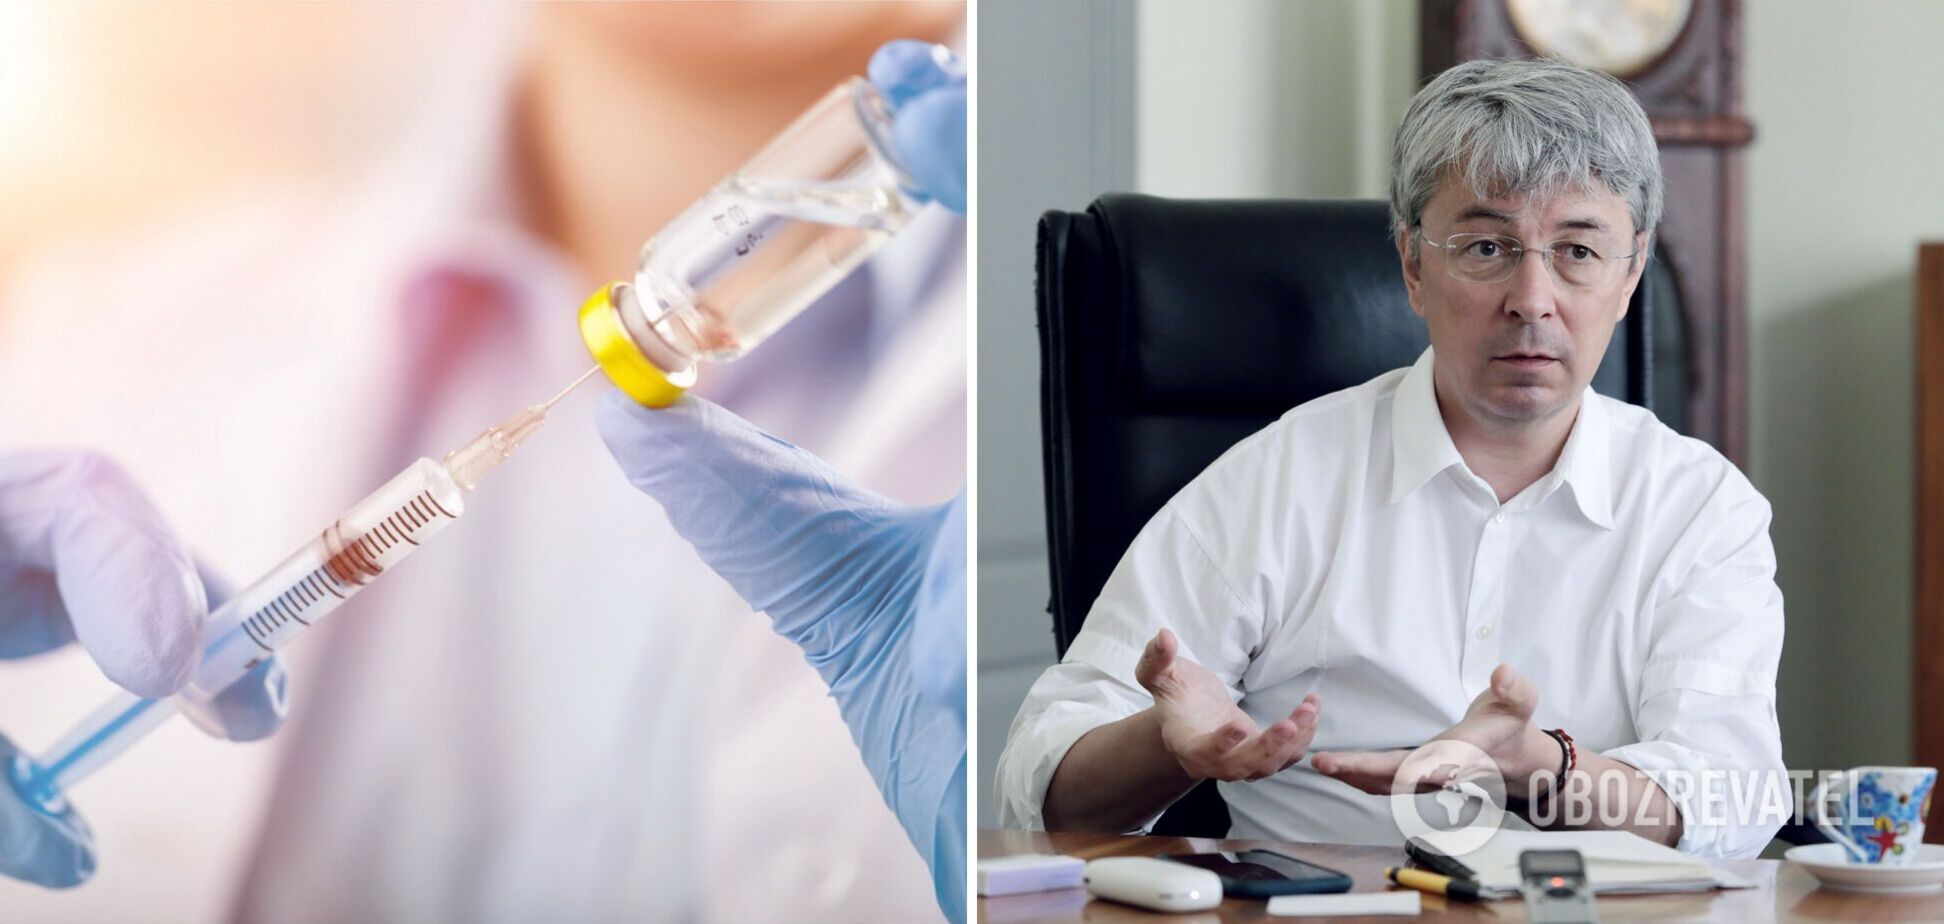 Міністр культури Ткаченко публічно вакцинувався проти коронавірусу. Відео